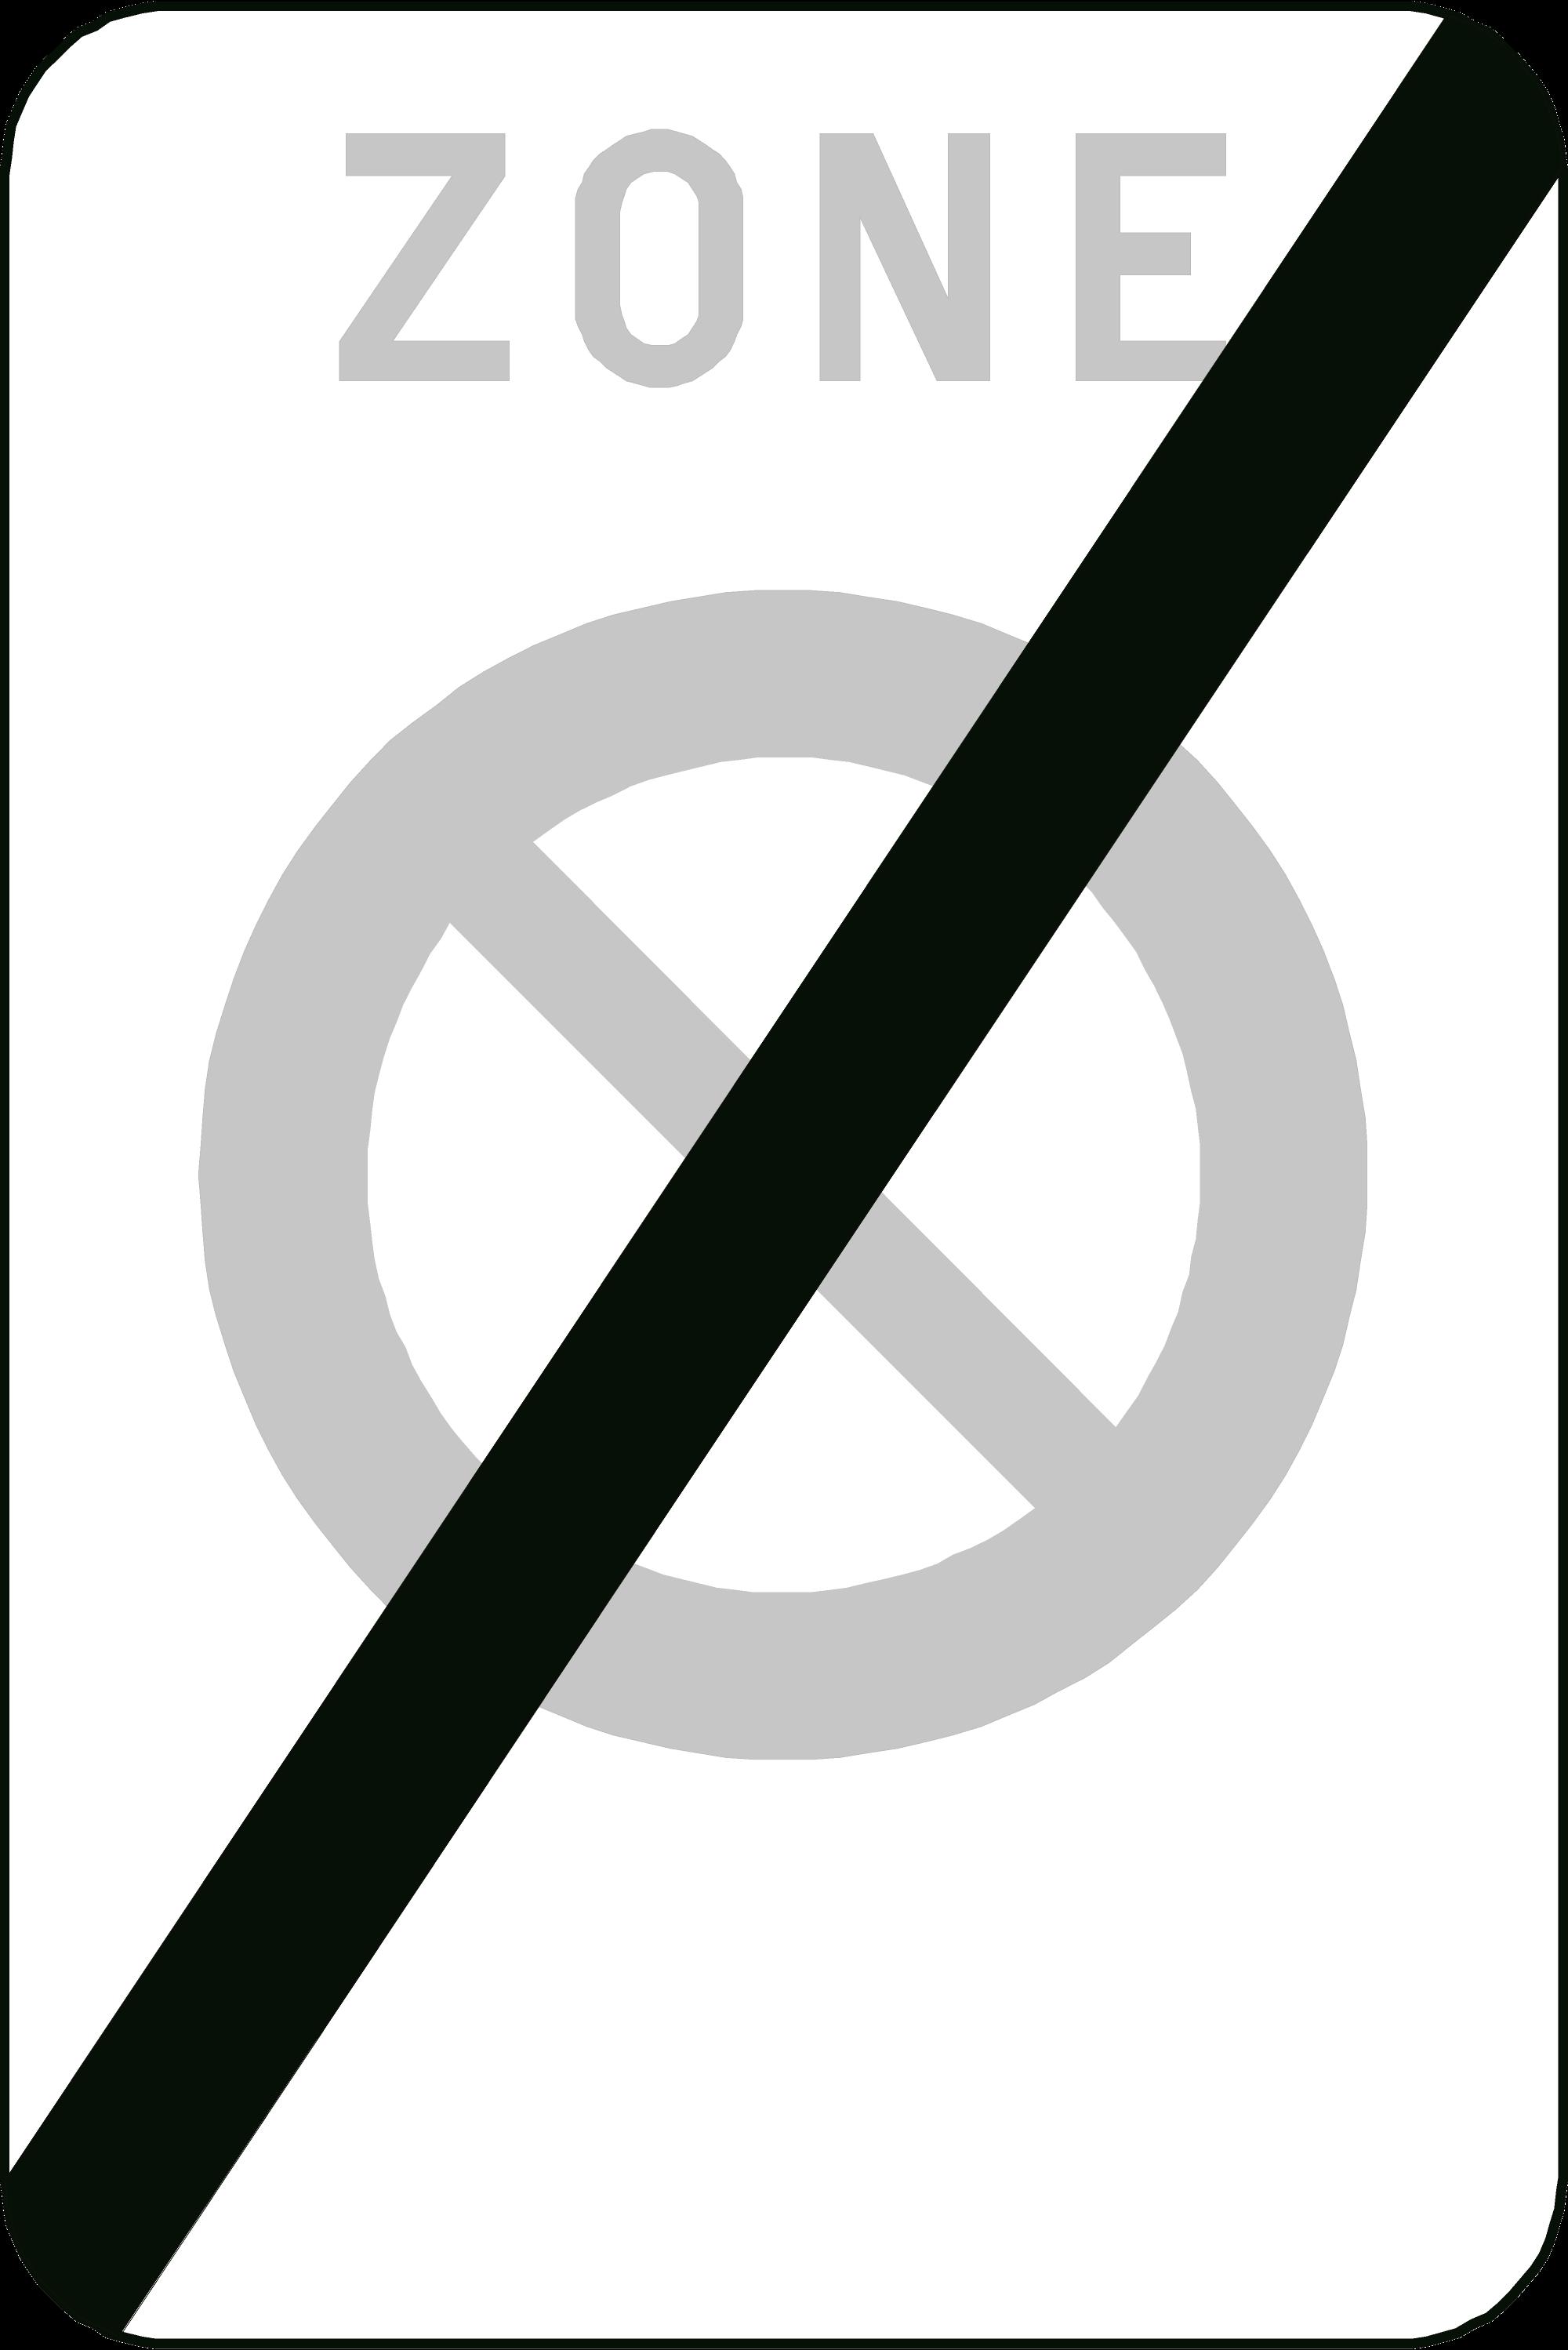 Signface - ZE1/ - klasse  I - 400/600 mm